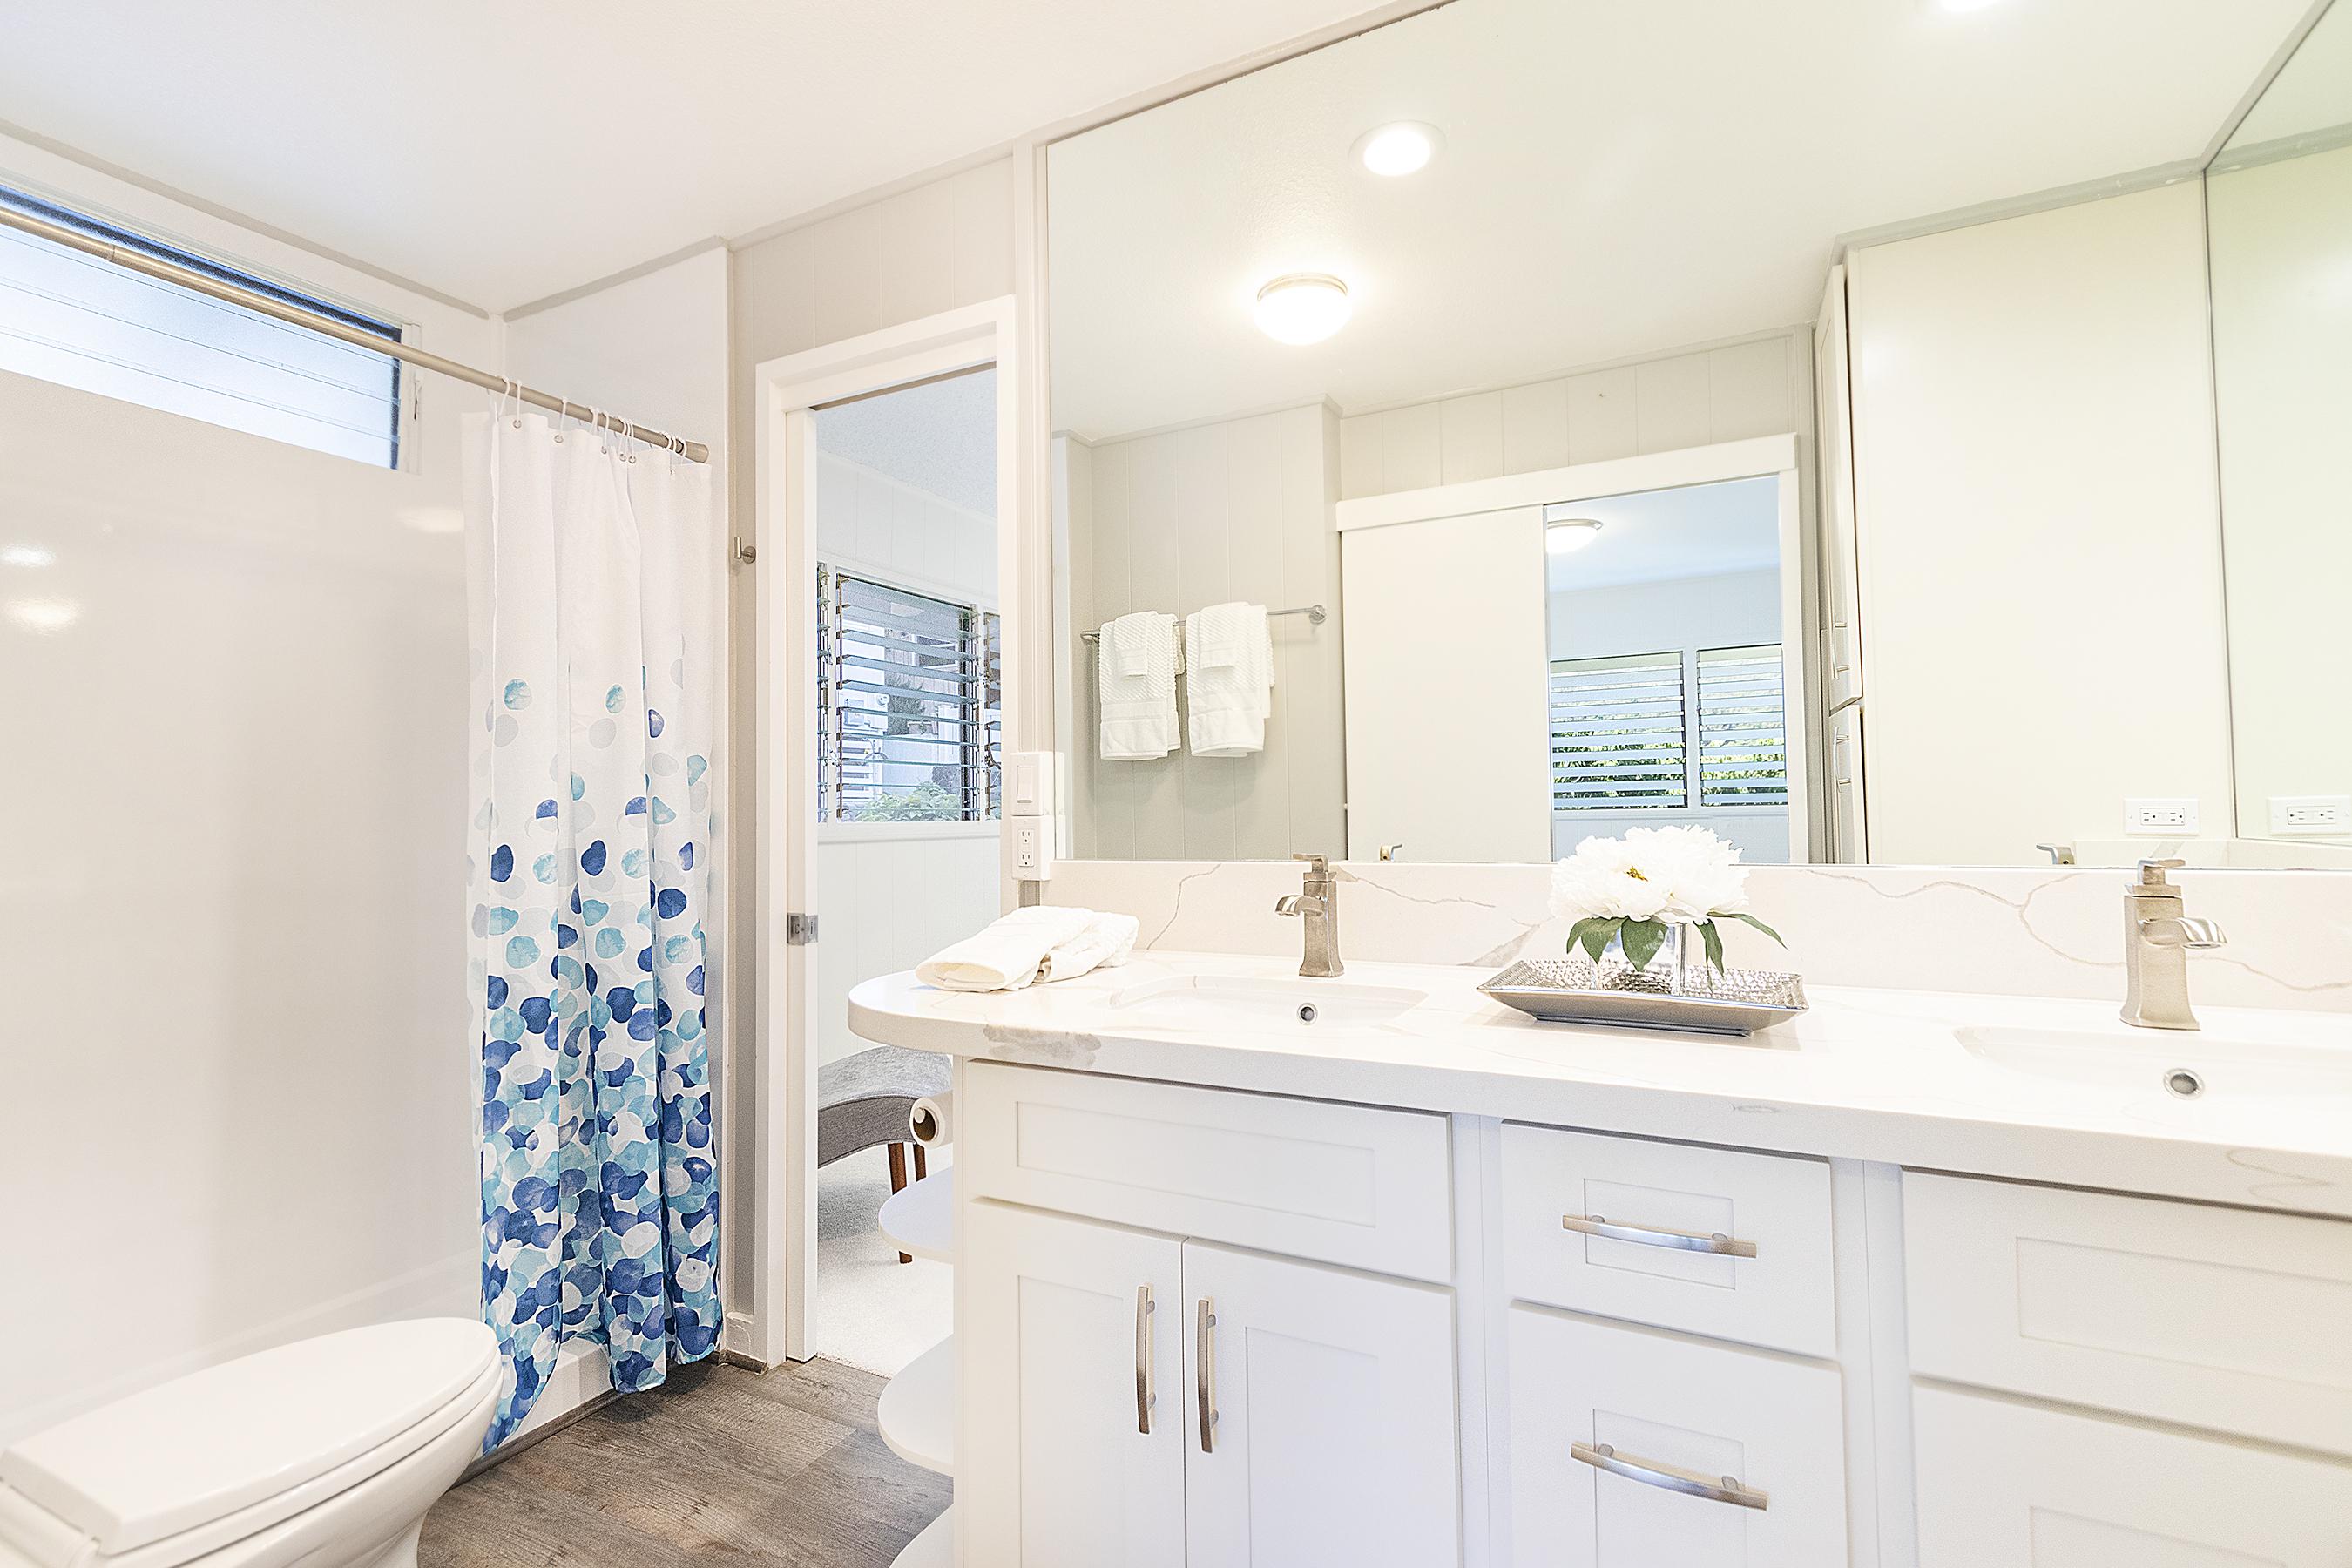 Bathroom between the two bedrooms at 380 Puiwa Road, Honolulu, HI 96817